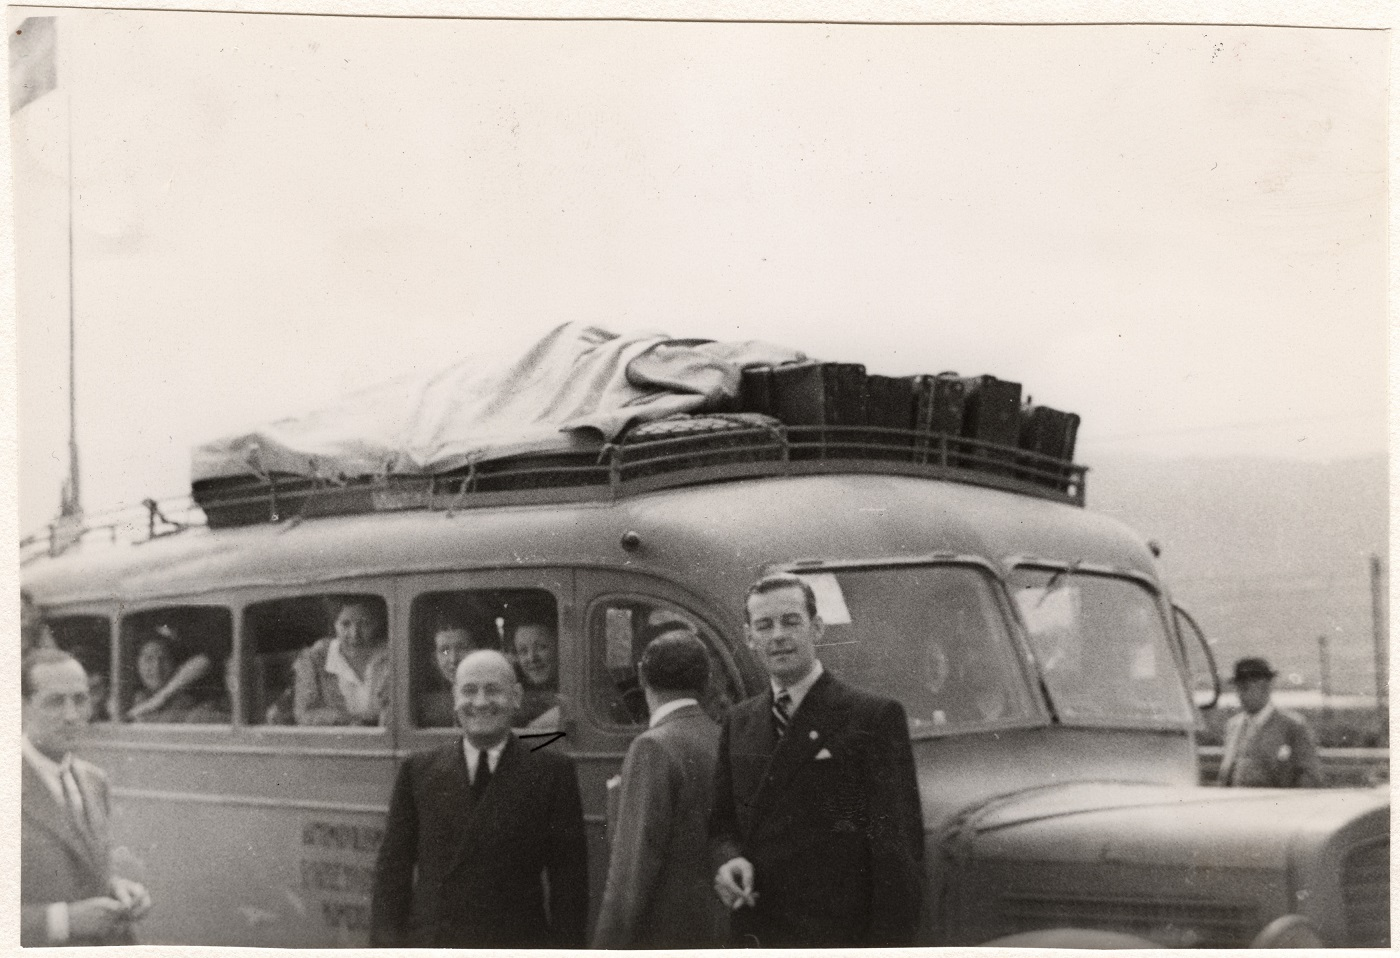 Guerre civile d'Espagne 1936-1939. Rapatriement de scouts. Archives CICR (DR), V-P-HIST-01855-32